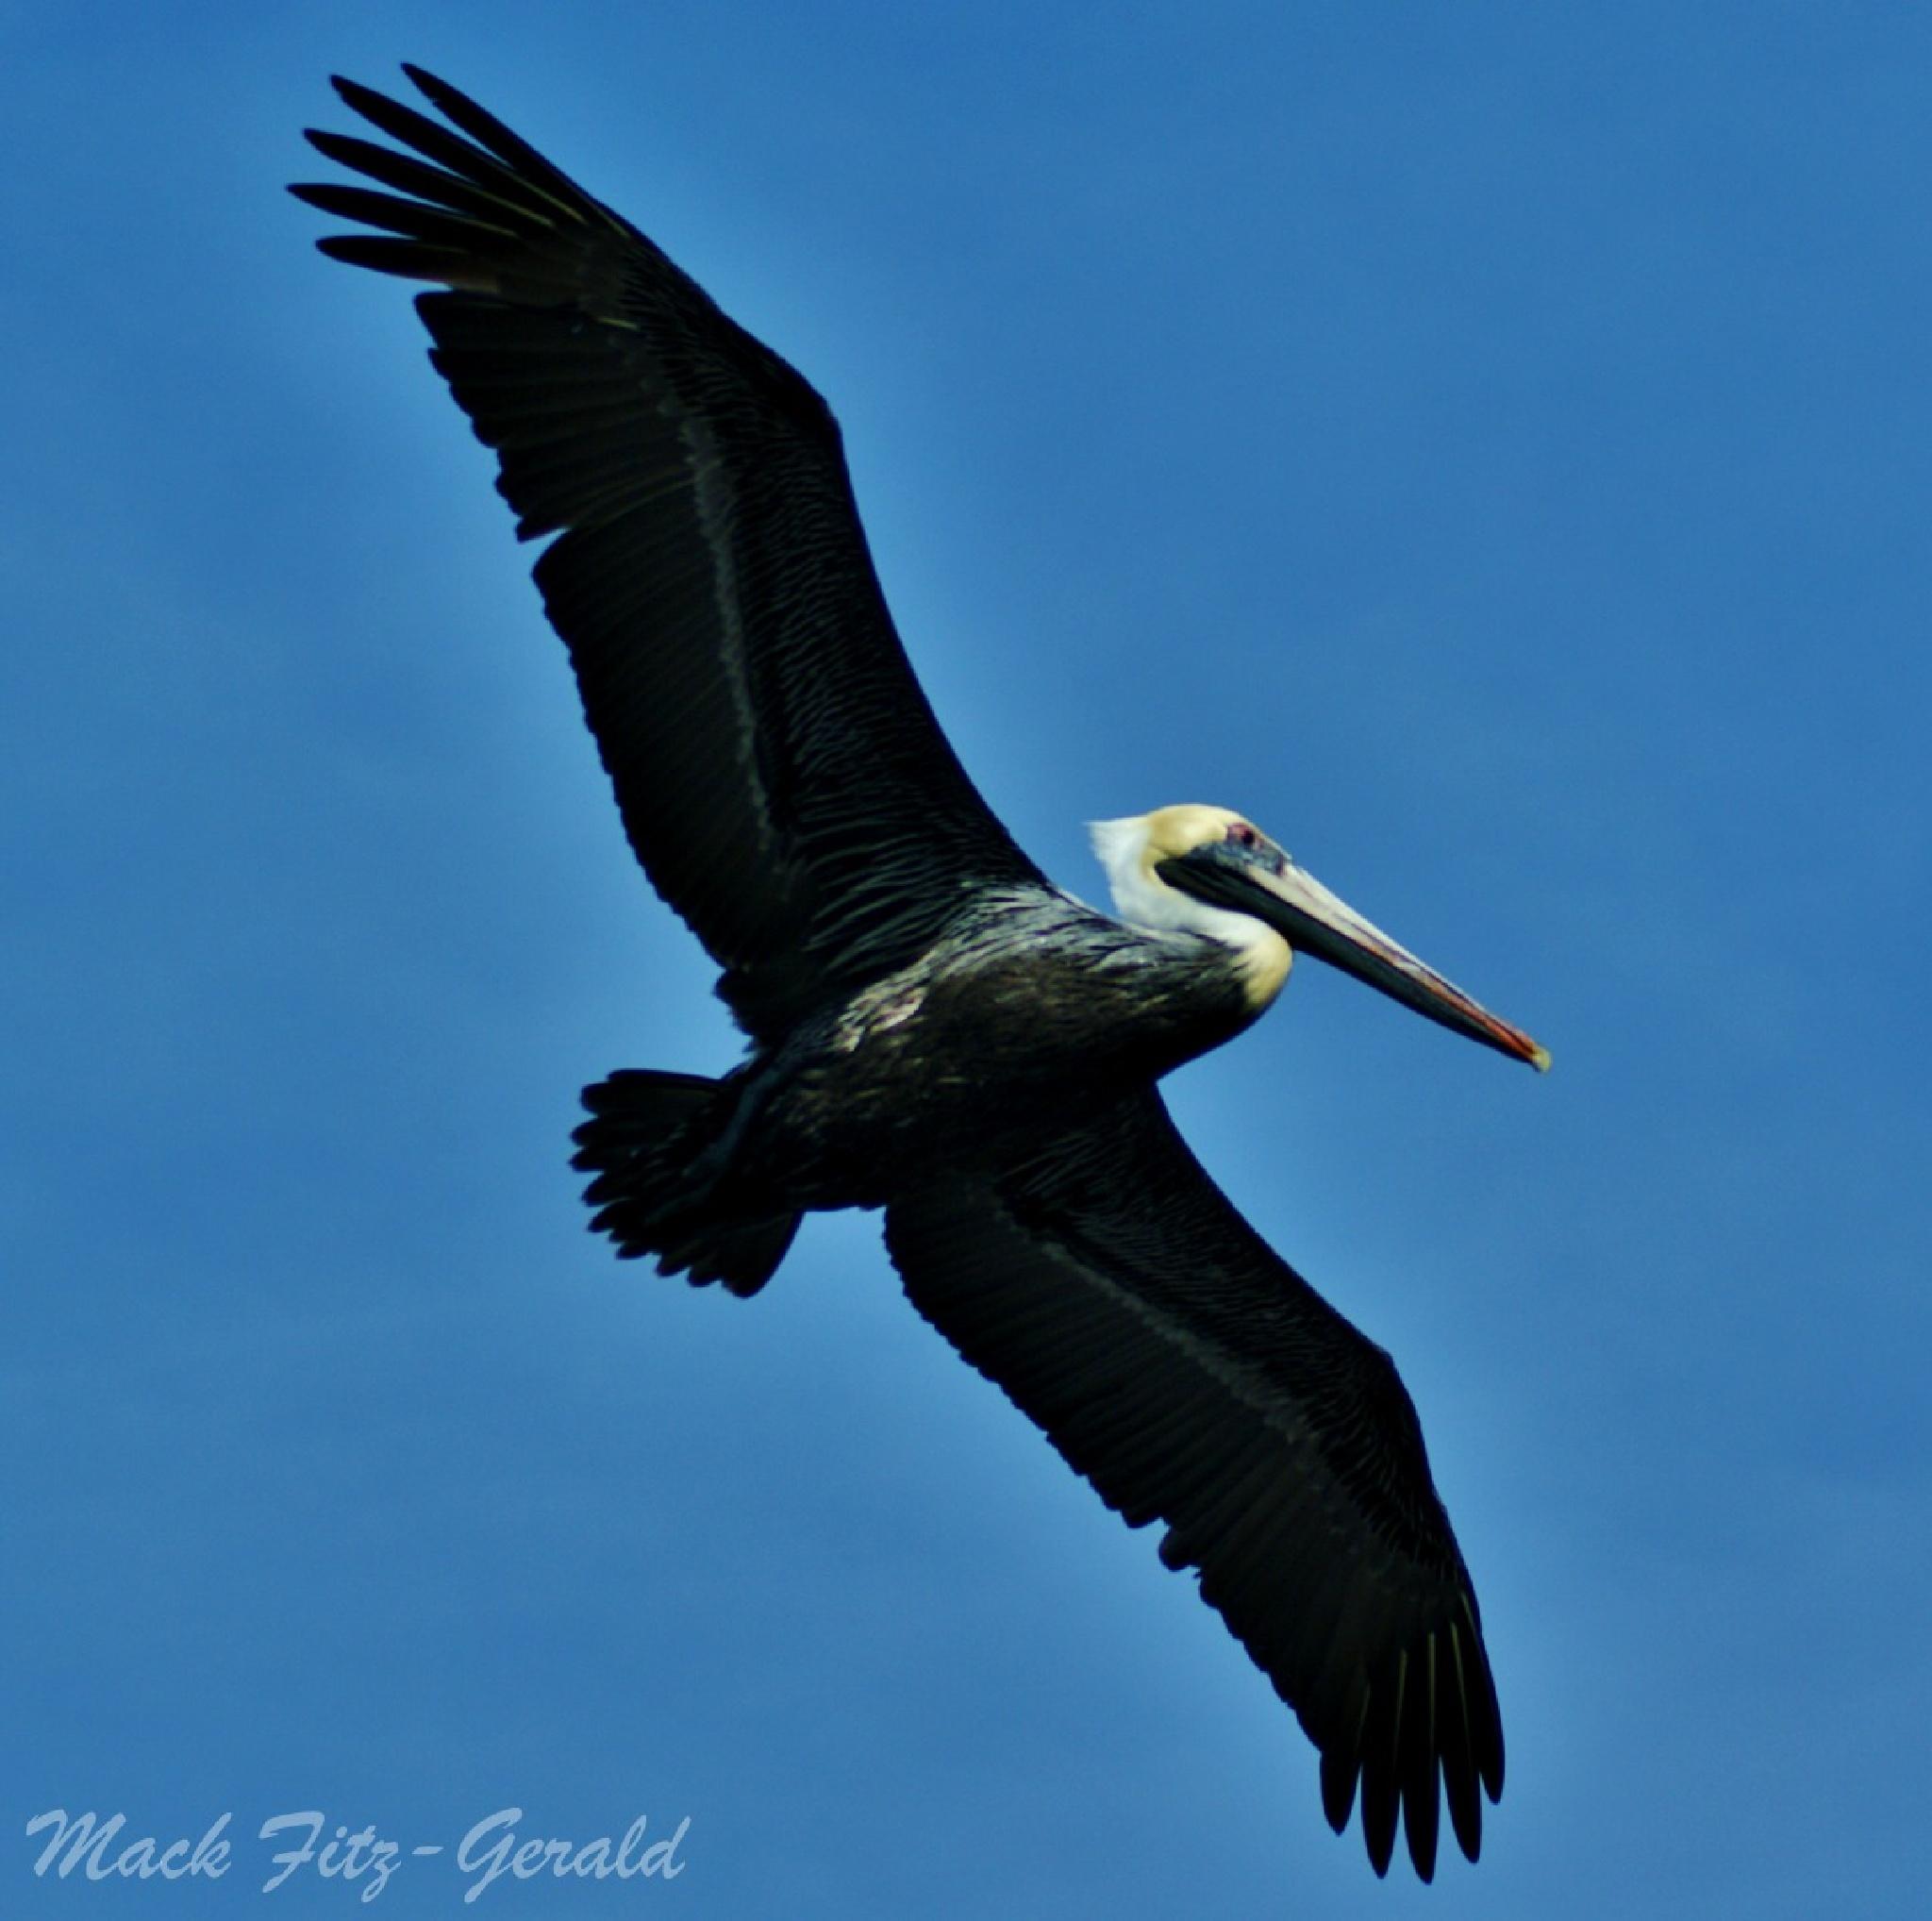 Pelican Flight by Mack Fitz-Gerald